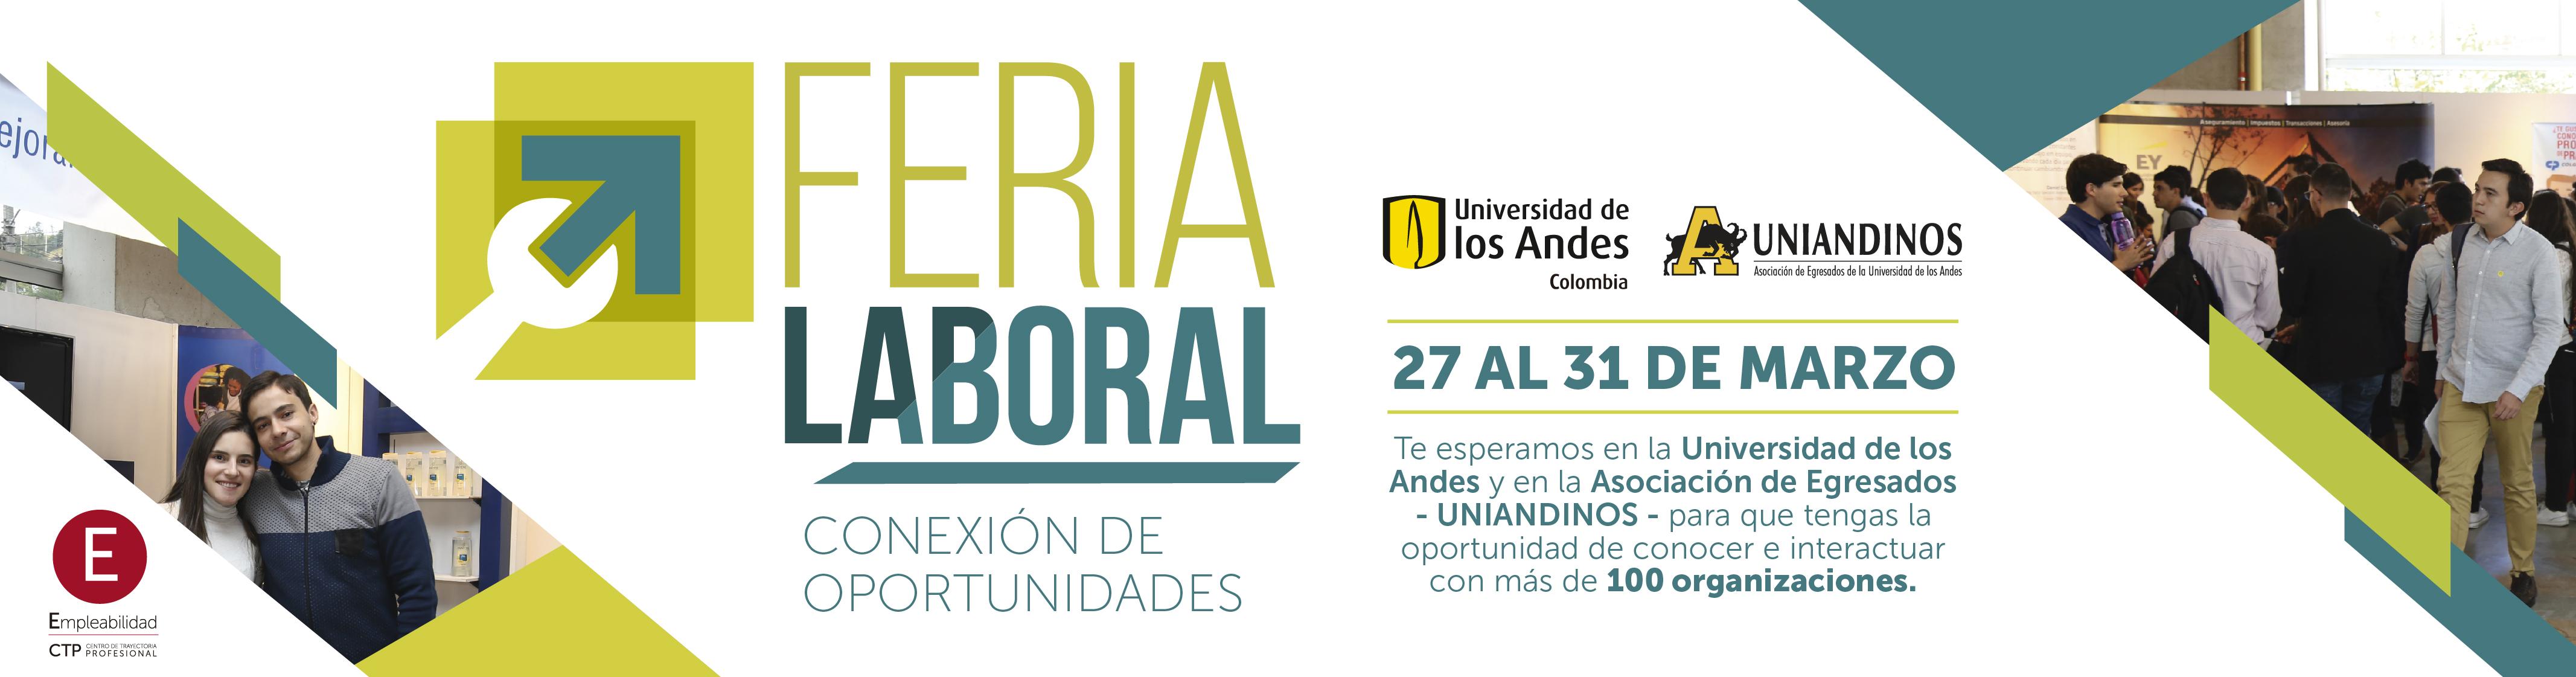 Feria_laboral_2017_1_p